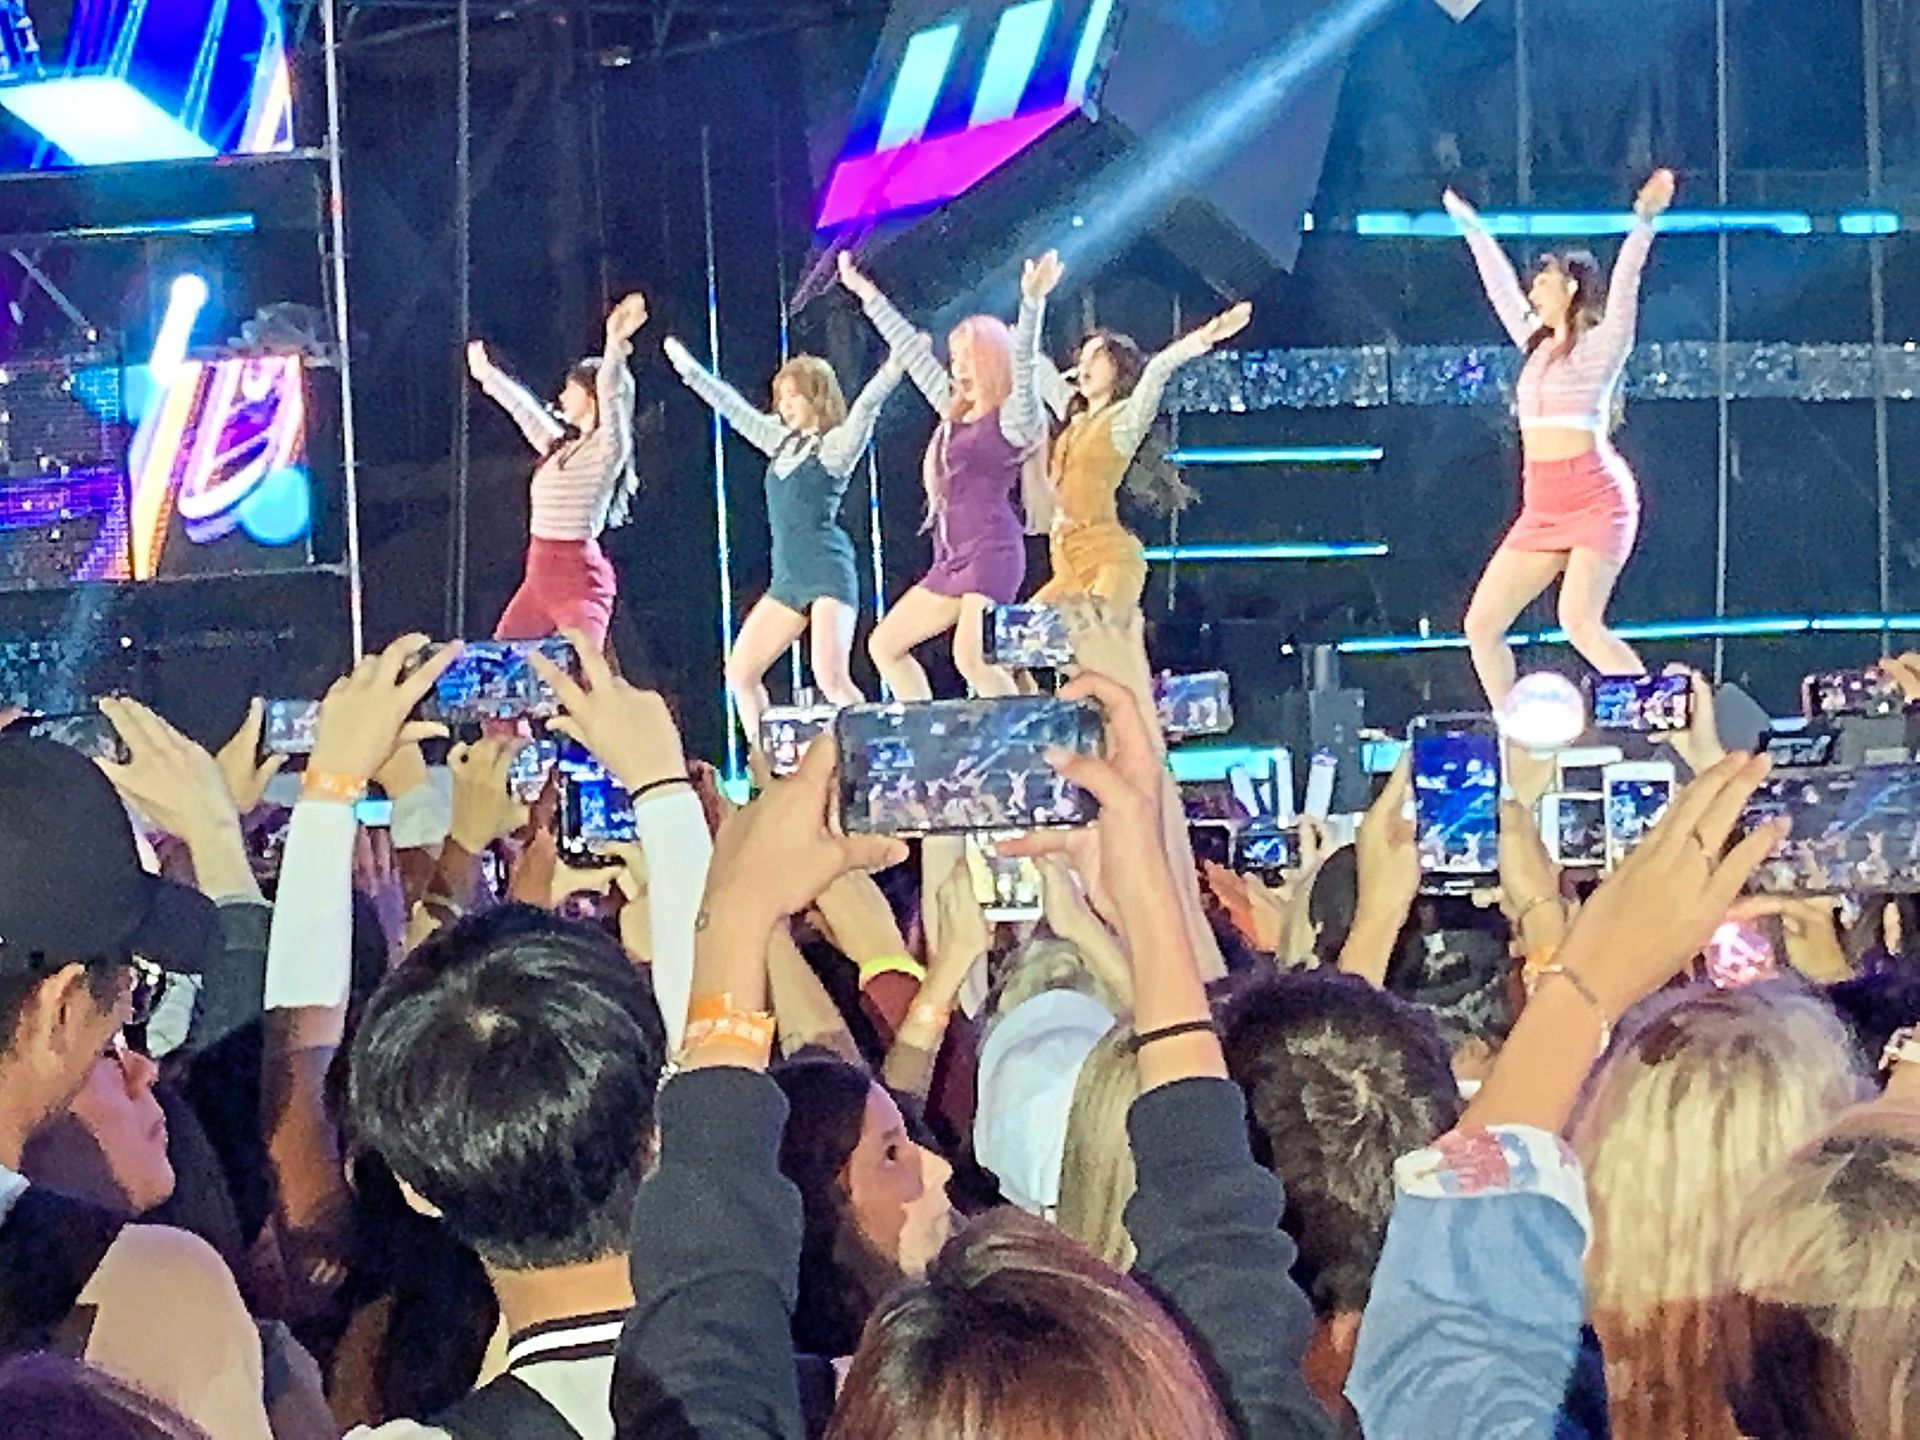 K-pop girlgroup Red Velvet perform at the KBS Music Bank live show.